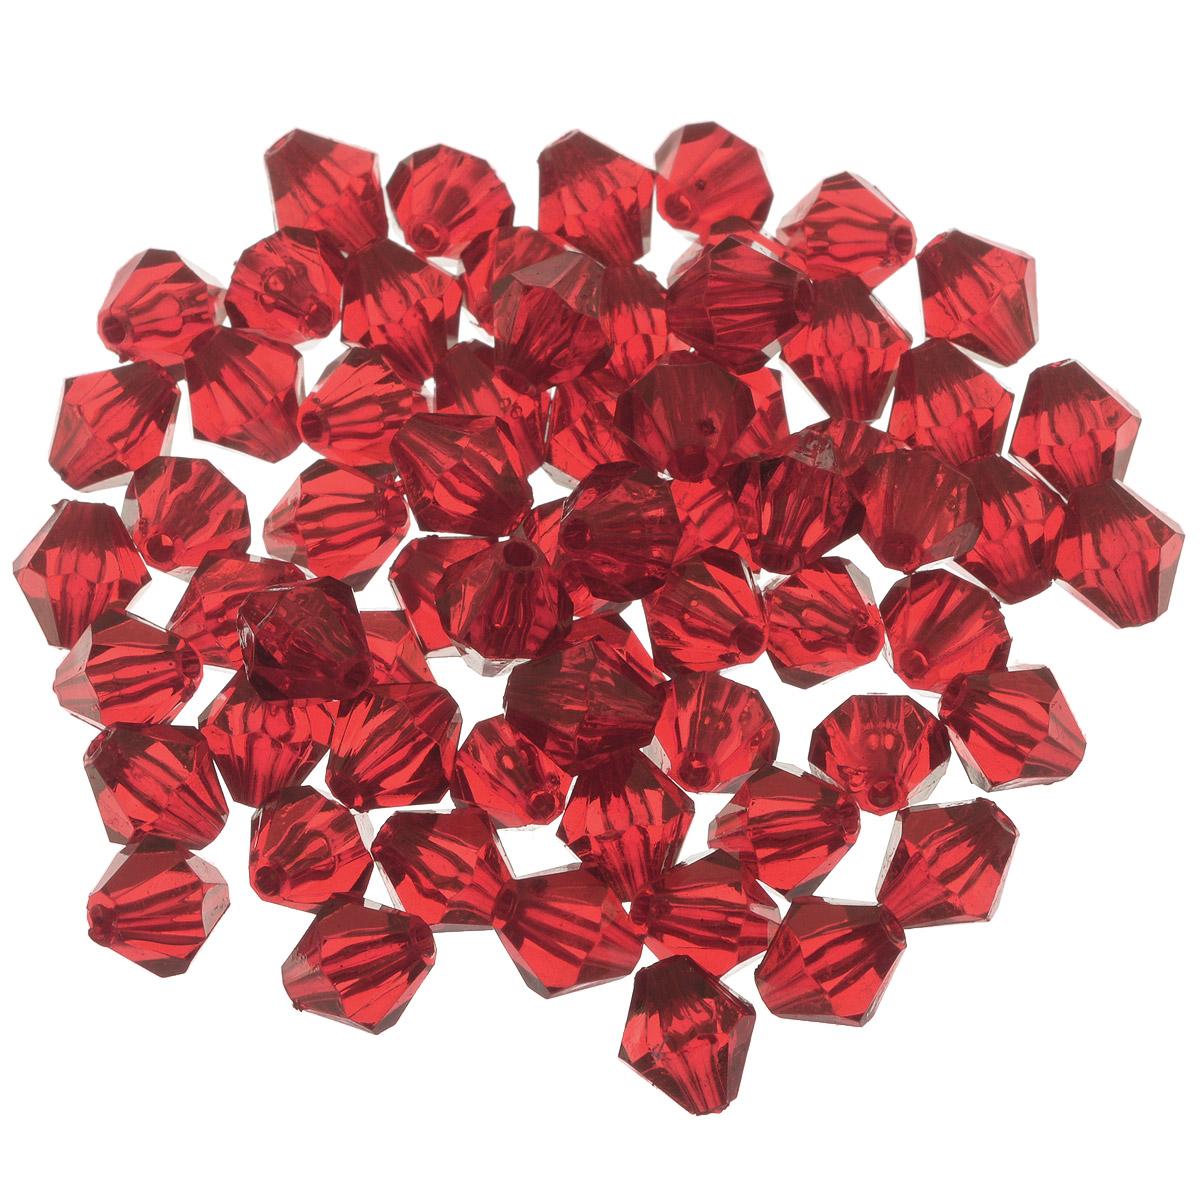 Бусины Астра, цвет: темно-красный (9), 10 мм х 11 мм, 25 г. 684981_9684981_9Набор бусин Астра, изготовленный из акрила, позволит вам своими руками создать оригинальные ожерелья, бусы или браслеты. Одноцветные ромбовидные бусины оригинального и яркого дизайна оснащены рельефными, многогранными поверхностями. Изготовление украшений - занимательное хобби и реализация творческих способностей рукодельницы, это возможность создания неповторимого индивидуального подарка. Размер бусины: 10 мм х 11 мм.